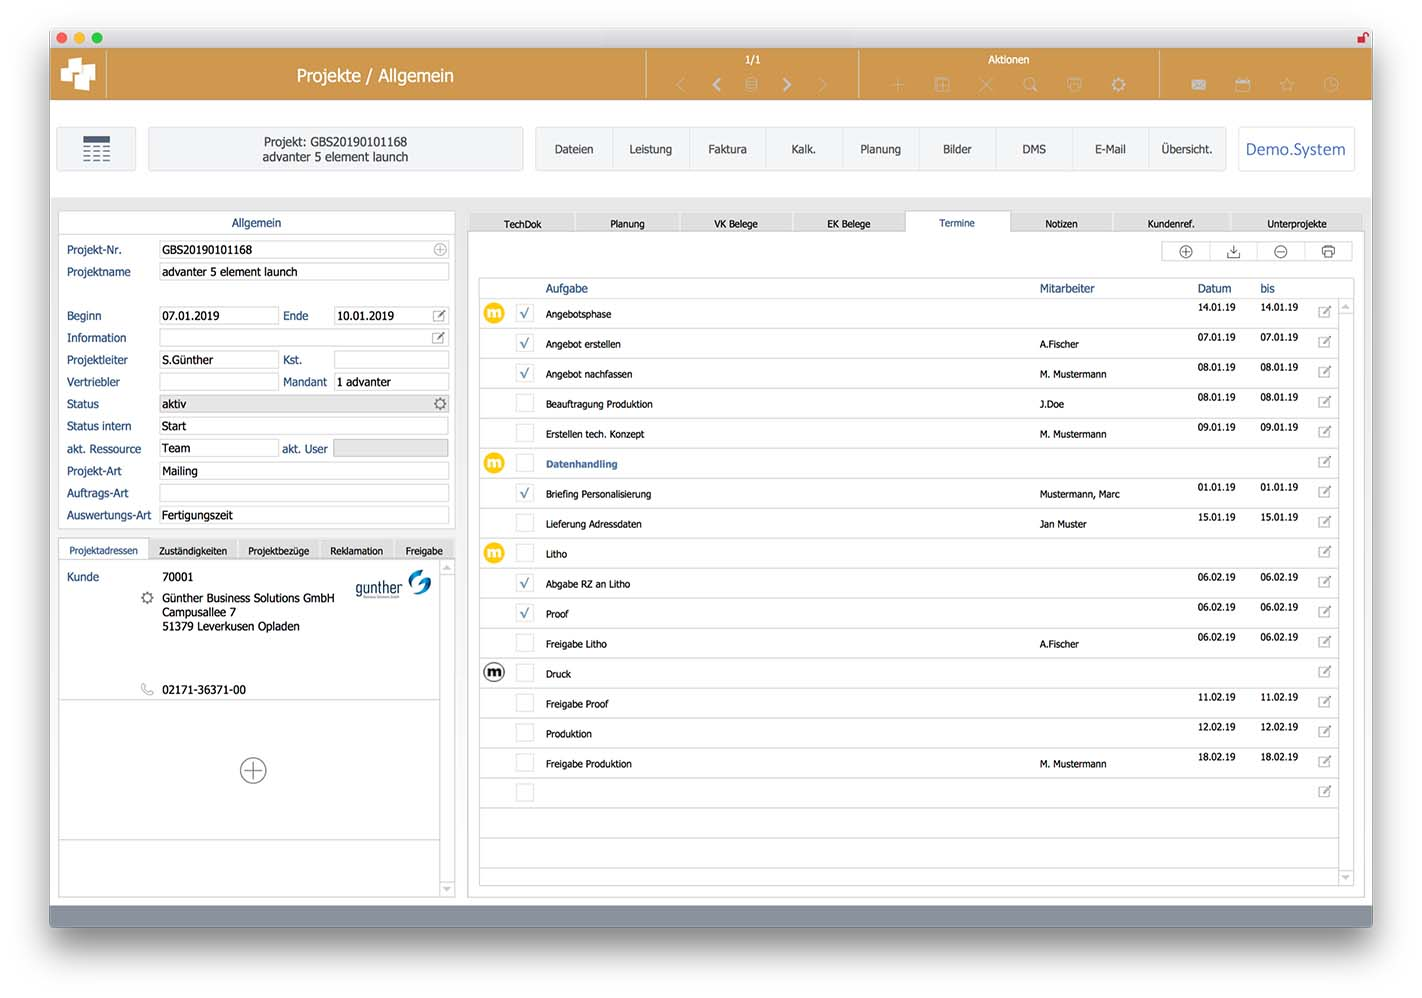 advanter® 5 elements | media - für Mediendienstleister und Unternehmen mit Projektgeschäft